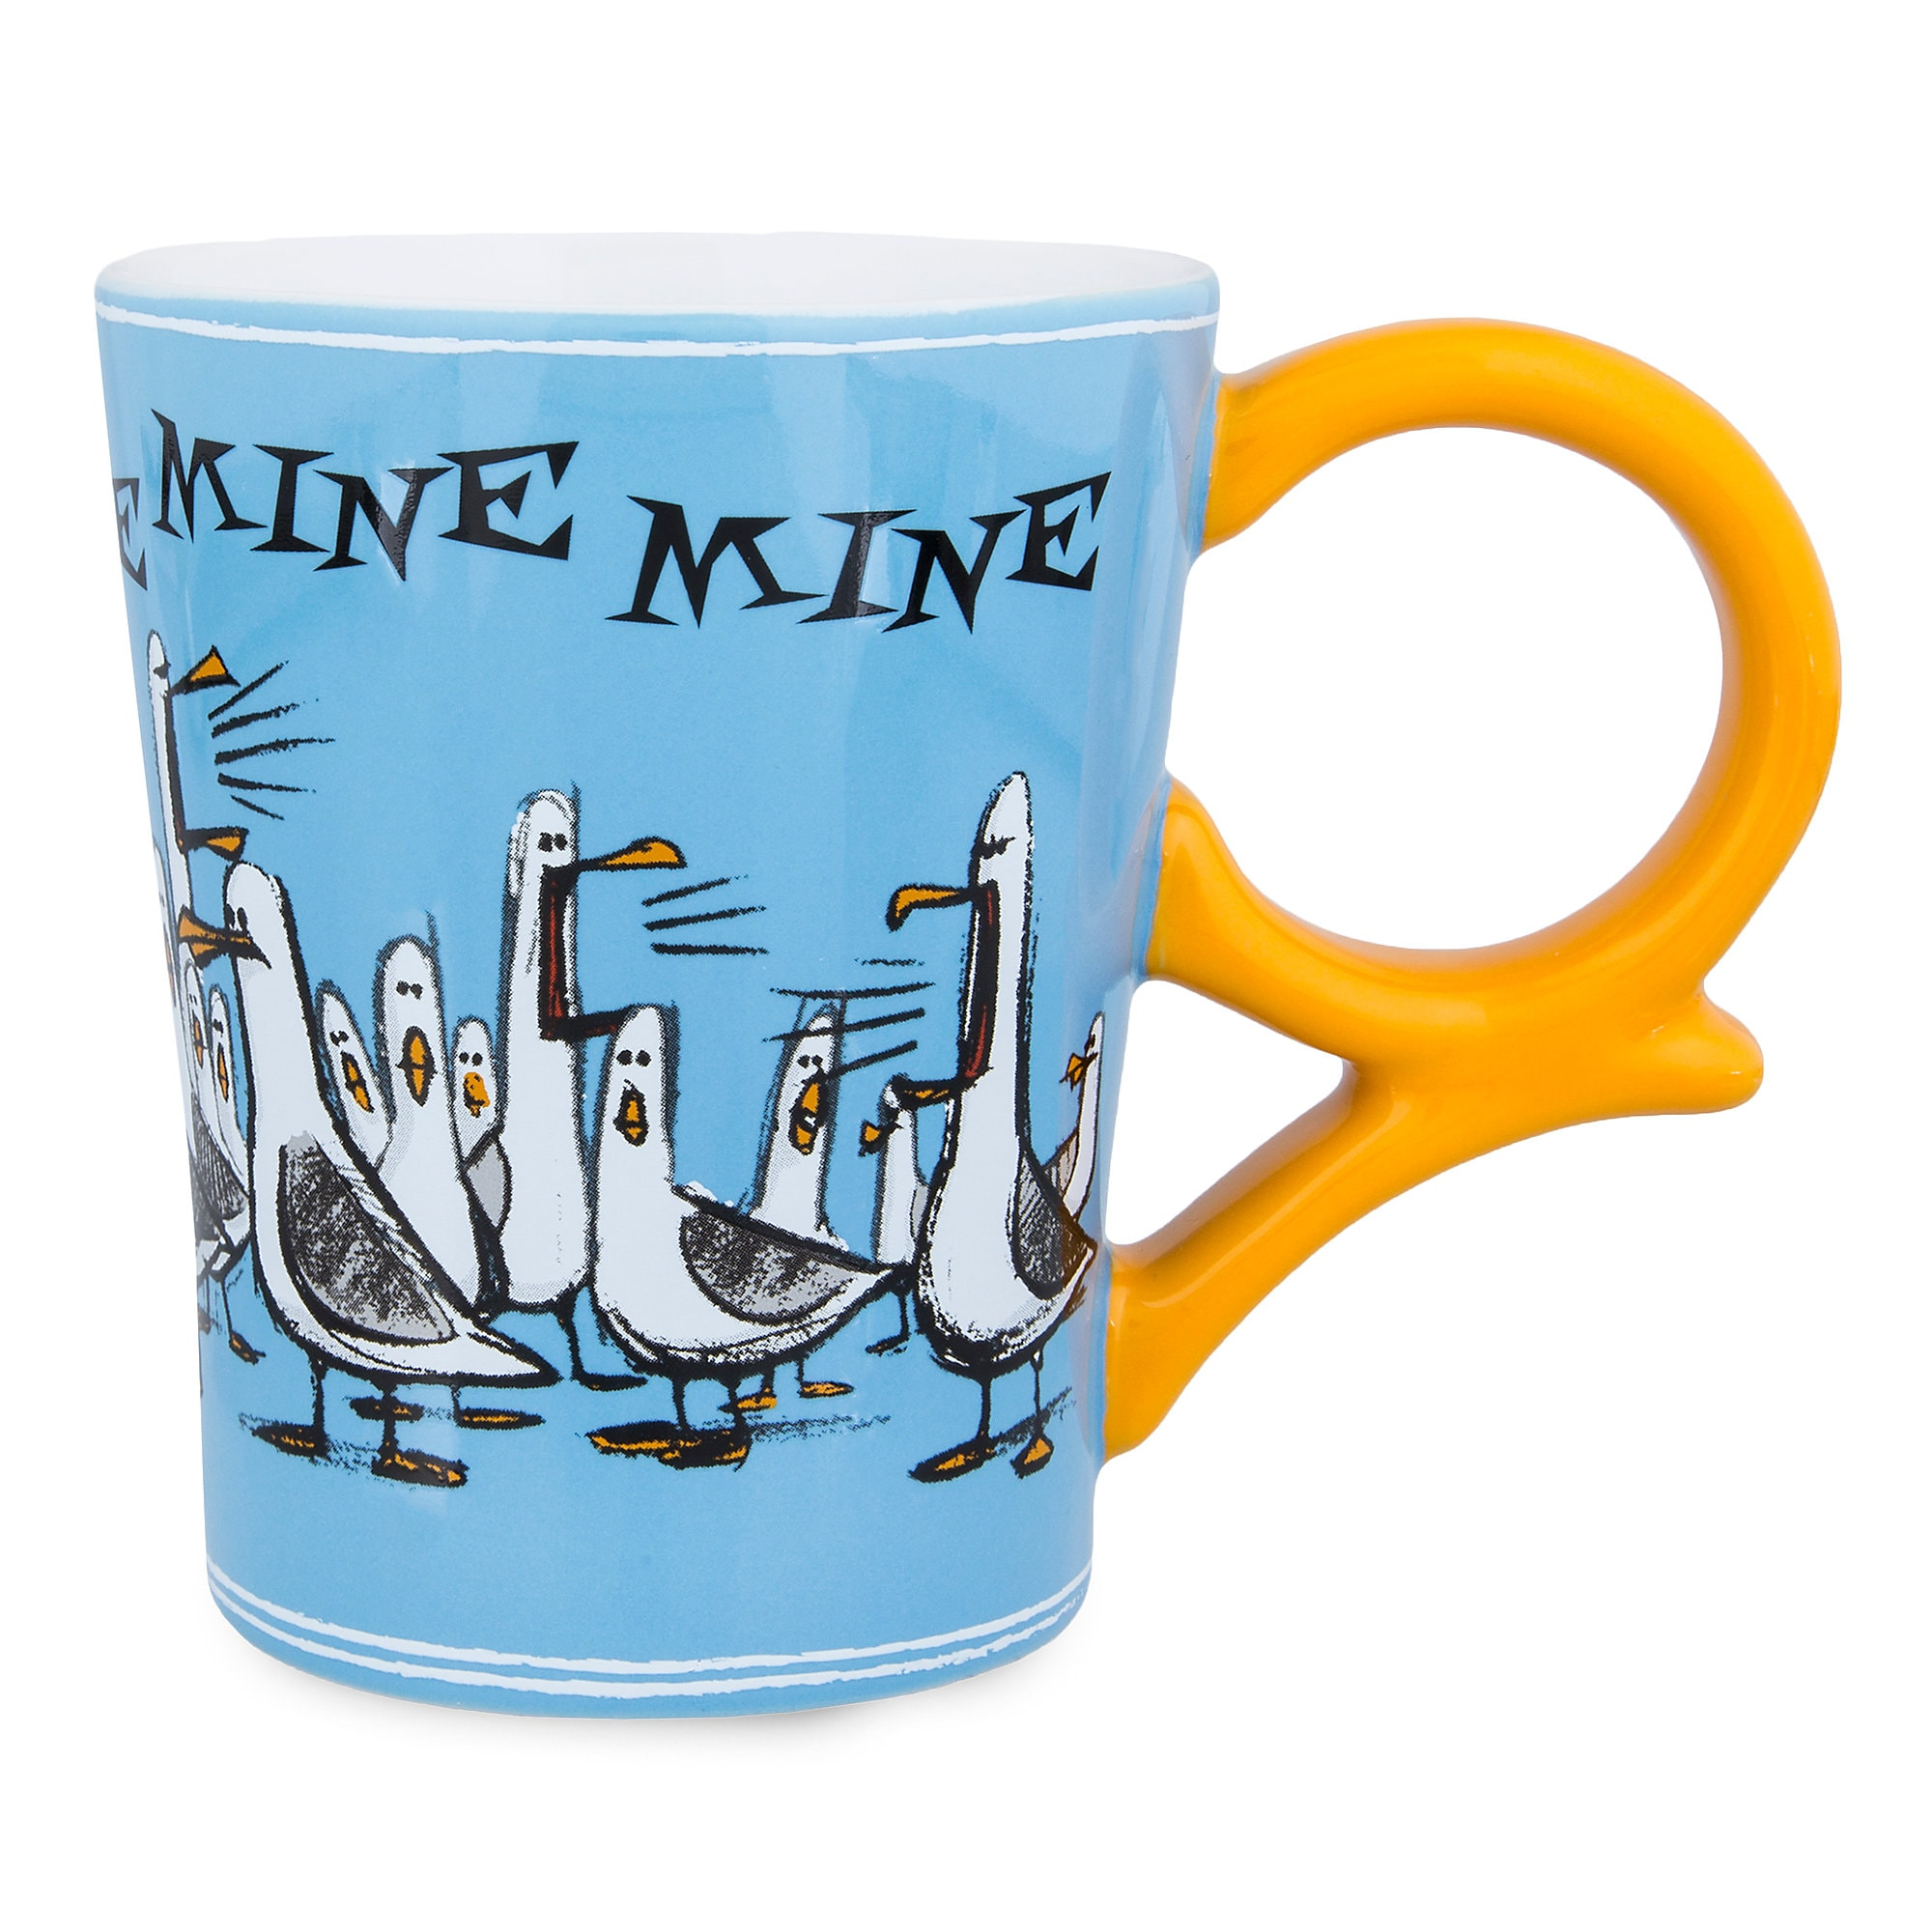 Finding Nemo Seagulls ''Mine Mine Mine Mine'' Mug